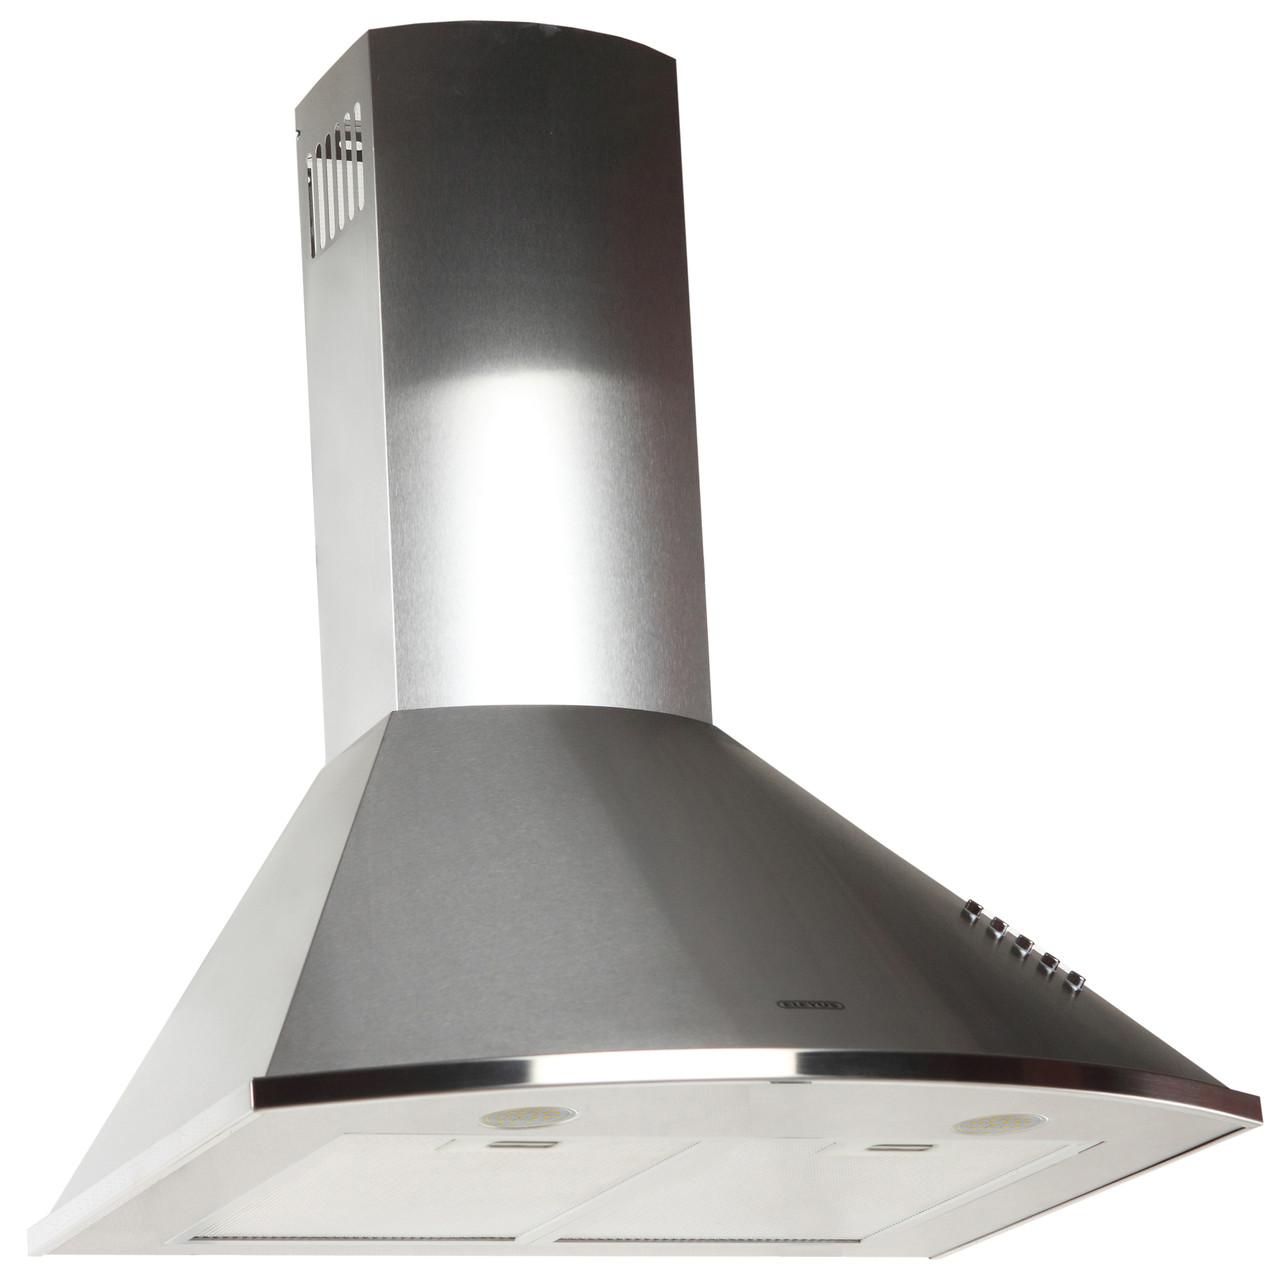 Витяжка кухонна купольна ELEYUS Bora 1200 LED SMD 60 IS (нержавійка)